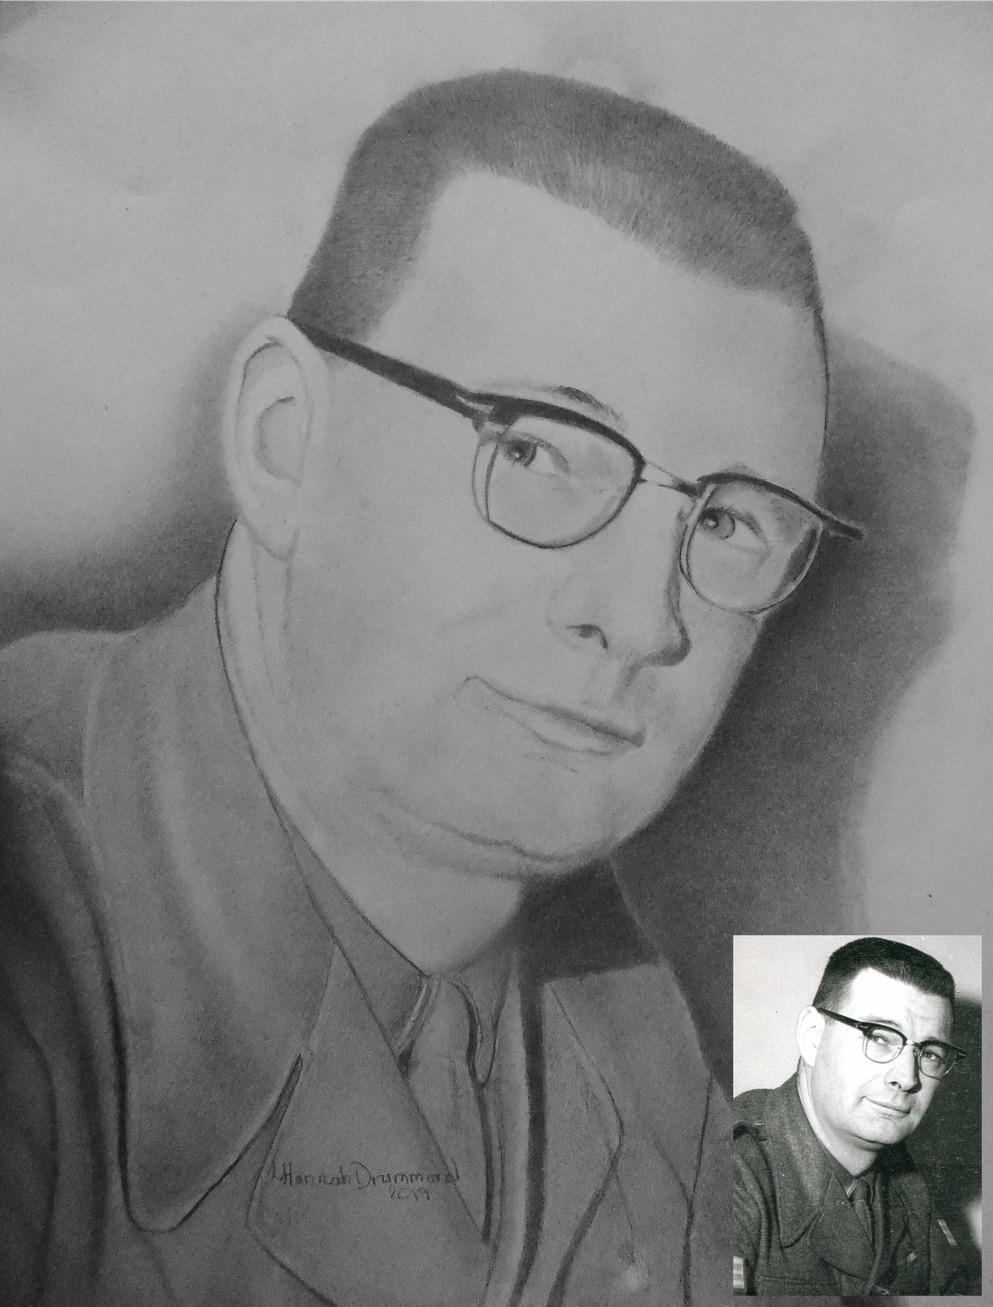 Portrait of Man 15